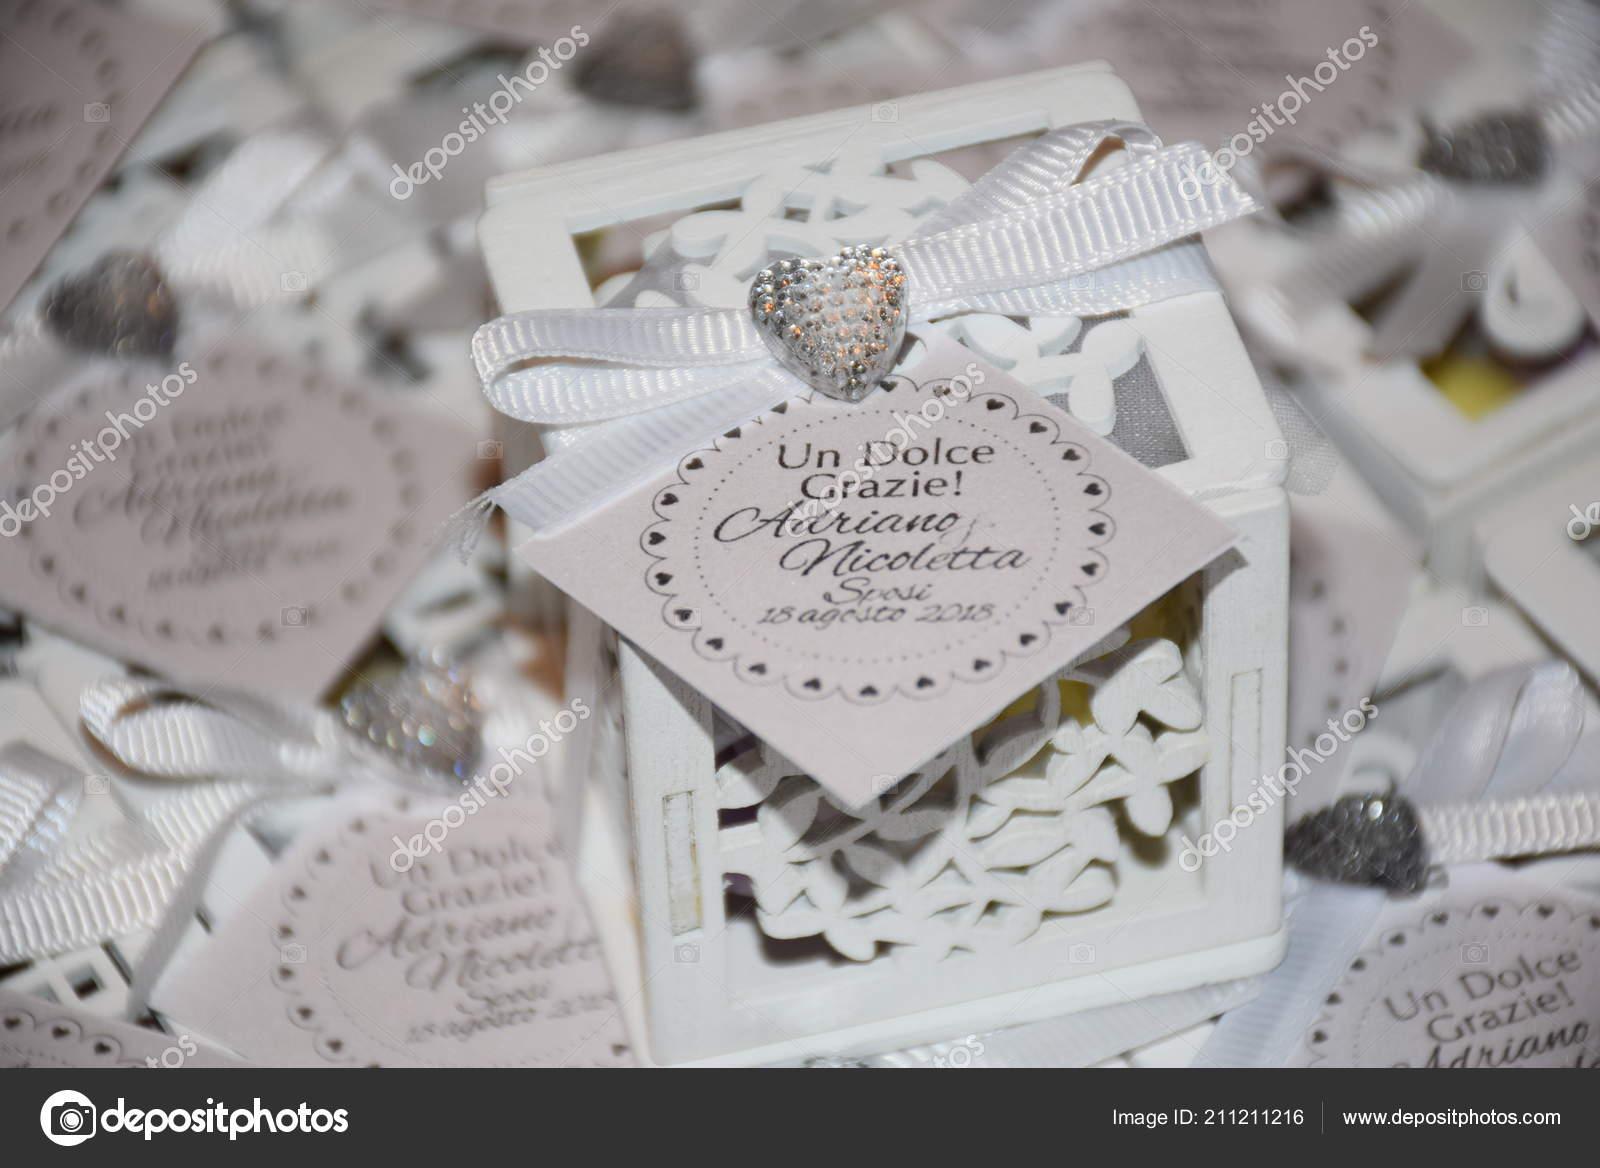 Confetti Segnaposto Matrimonio.Oggetti Matrimonio Segnaposto Con Confetti Realizzato Legno Bianco